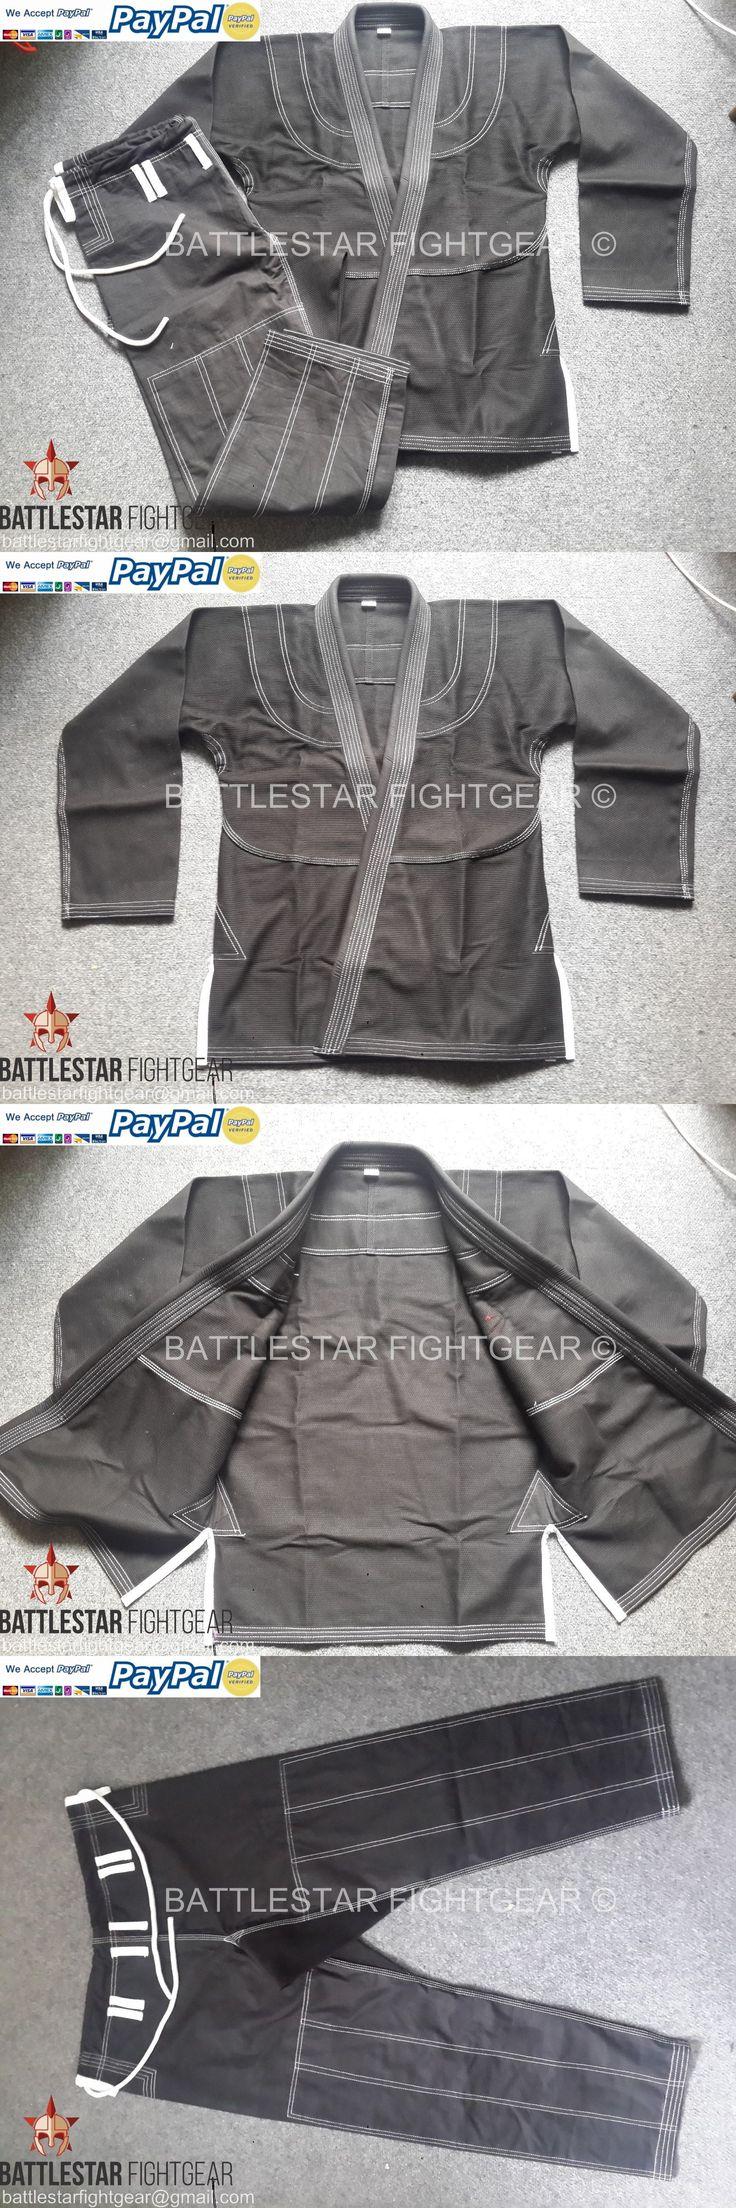 Uniforms and Gis 179774: Shoyoroll Cut Black Plain No-Logo Brazilian Jiu-Jitsu Gi Bjj Kimono A1,A2,A3,A4 -> BUY IT NOW ONLY: $80 on eBay!